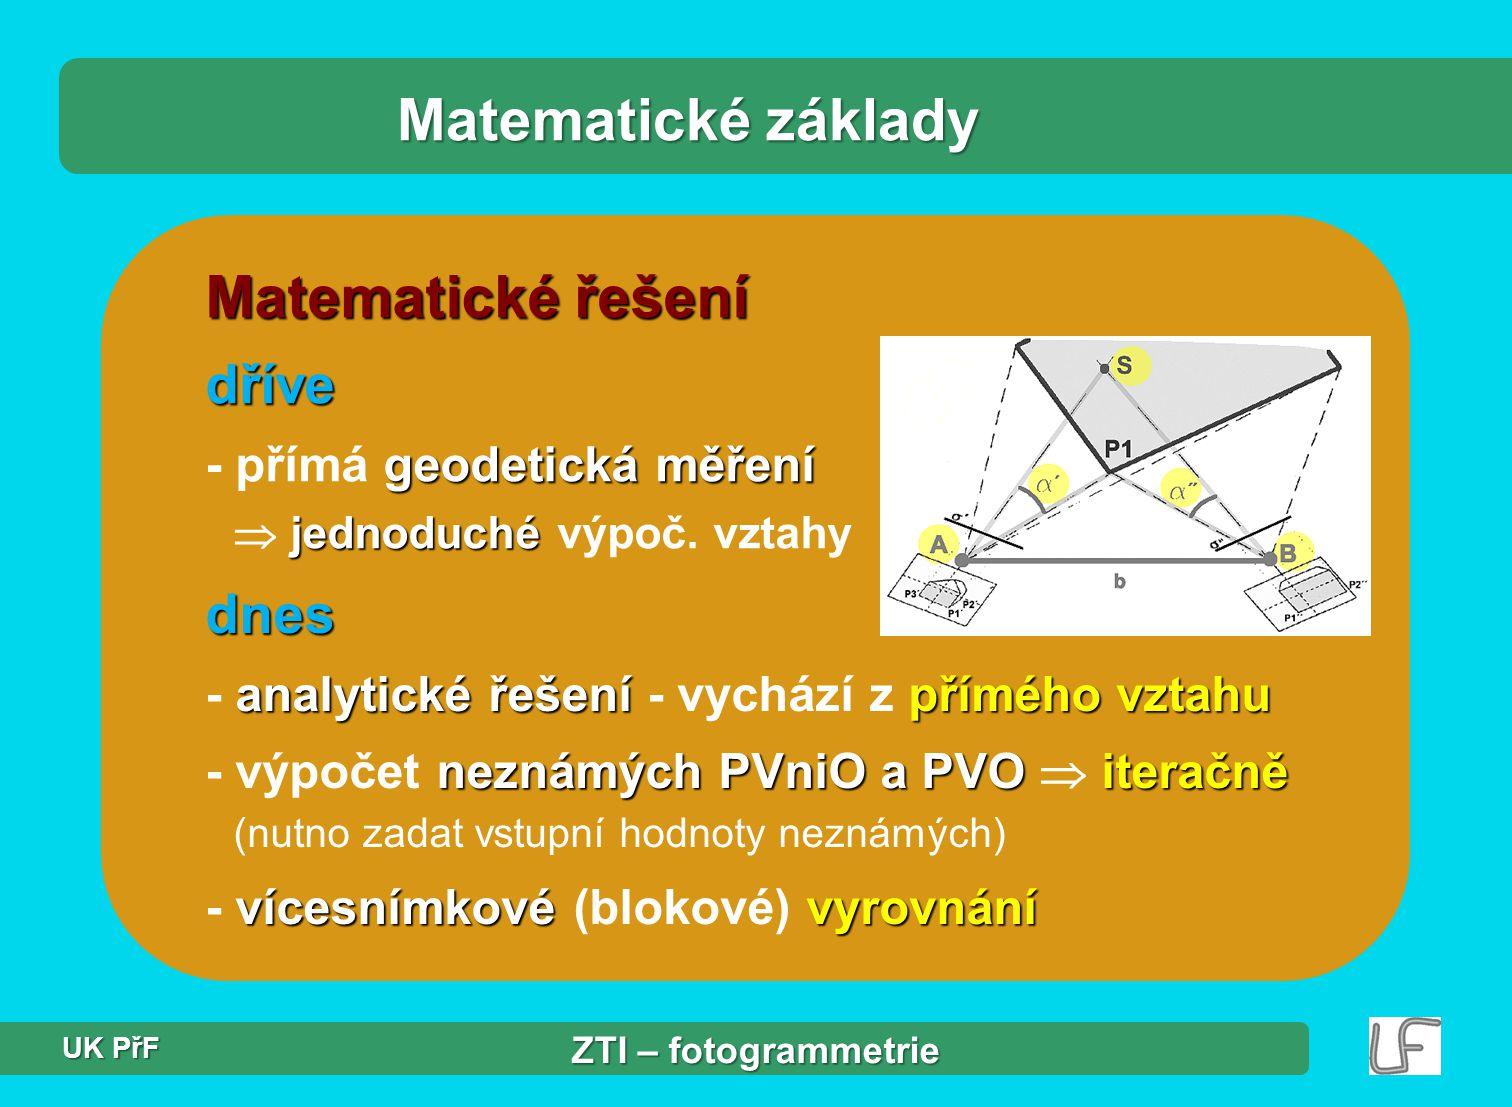 Matematické řešení dříve geodetická měření - přímá geodetická měření jednoduché  jednoduché výpoč.